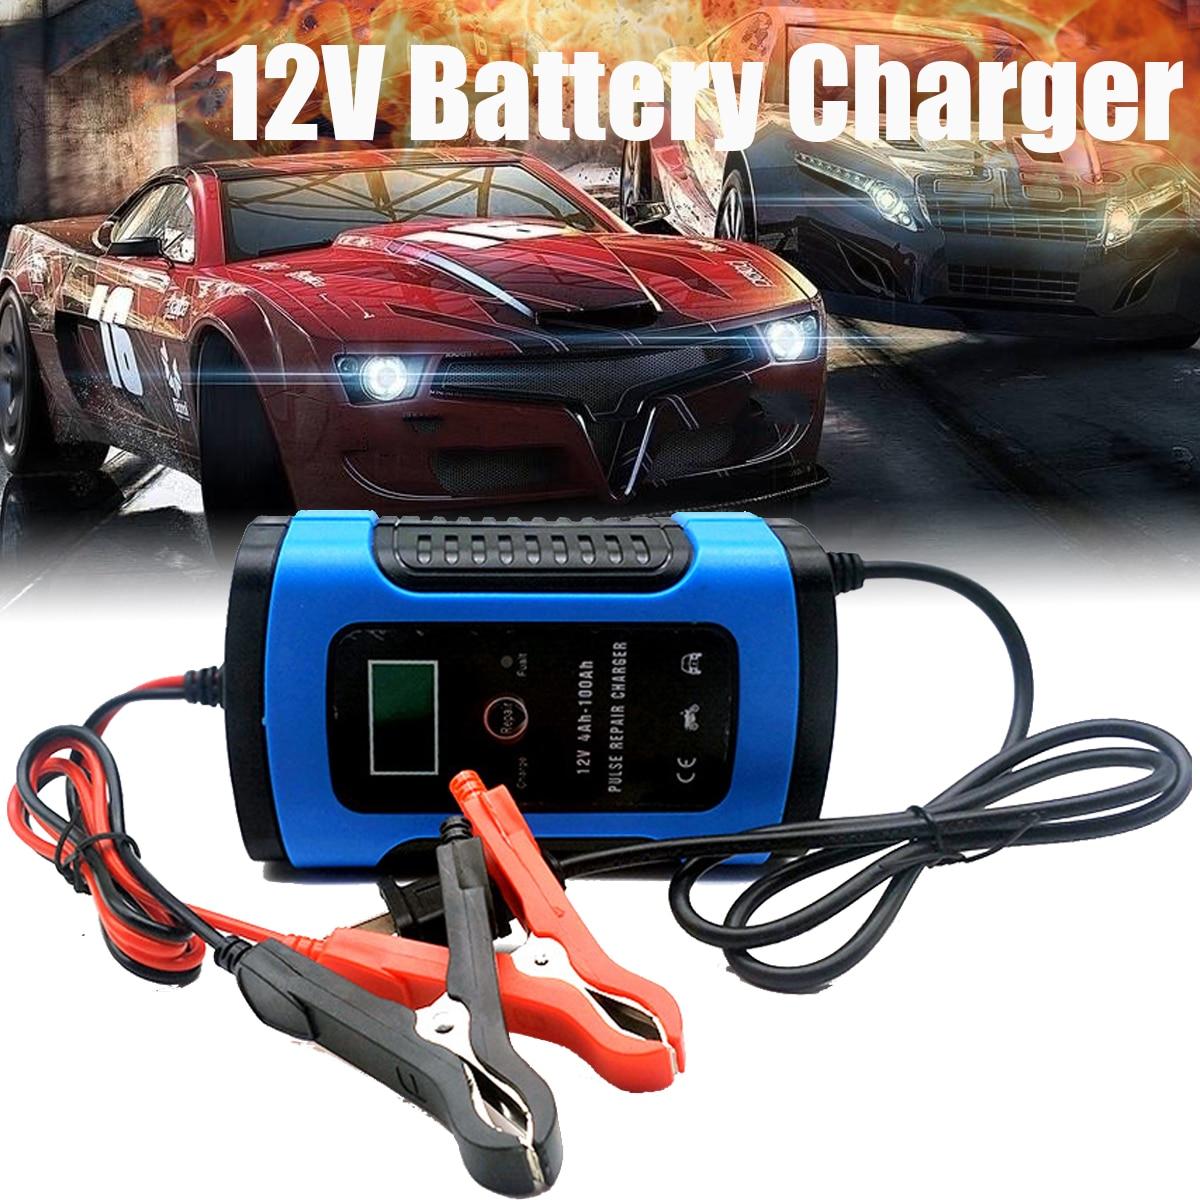 12 V 6A LCD Smart Schnelles Auto Batterie Ladegerät für Auto Motorrad Blei-Säure AGM GEL Batterien Intelligente Lade 12 V Volt 6 EINE AMP